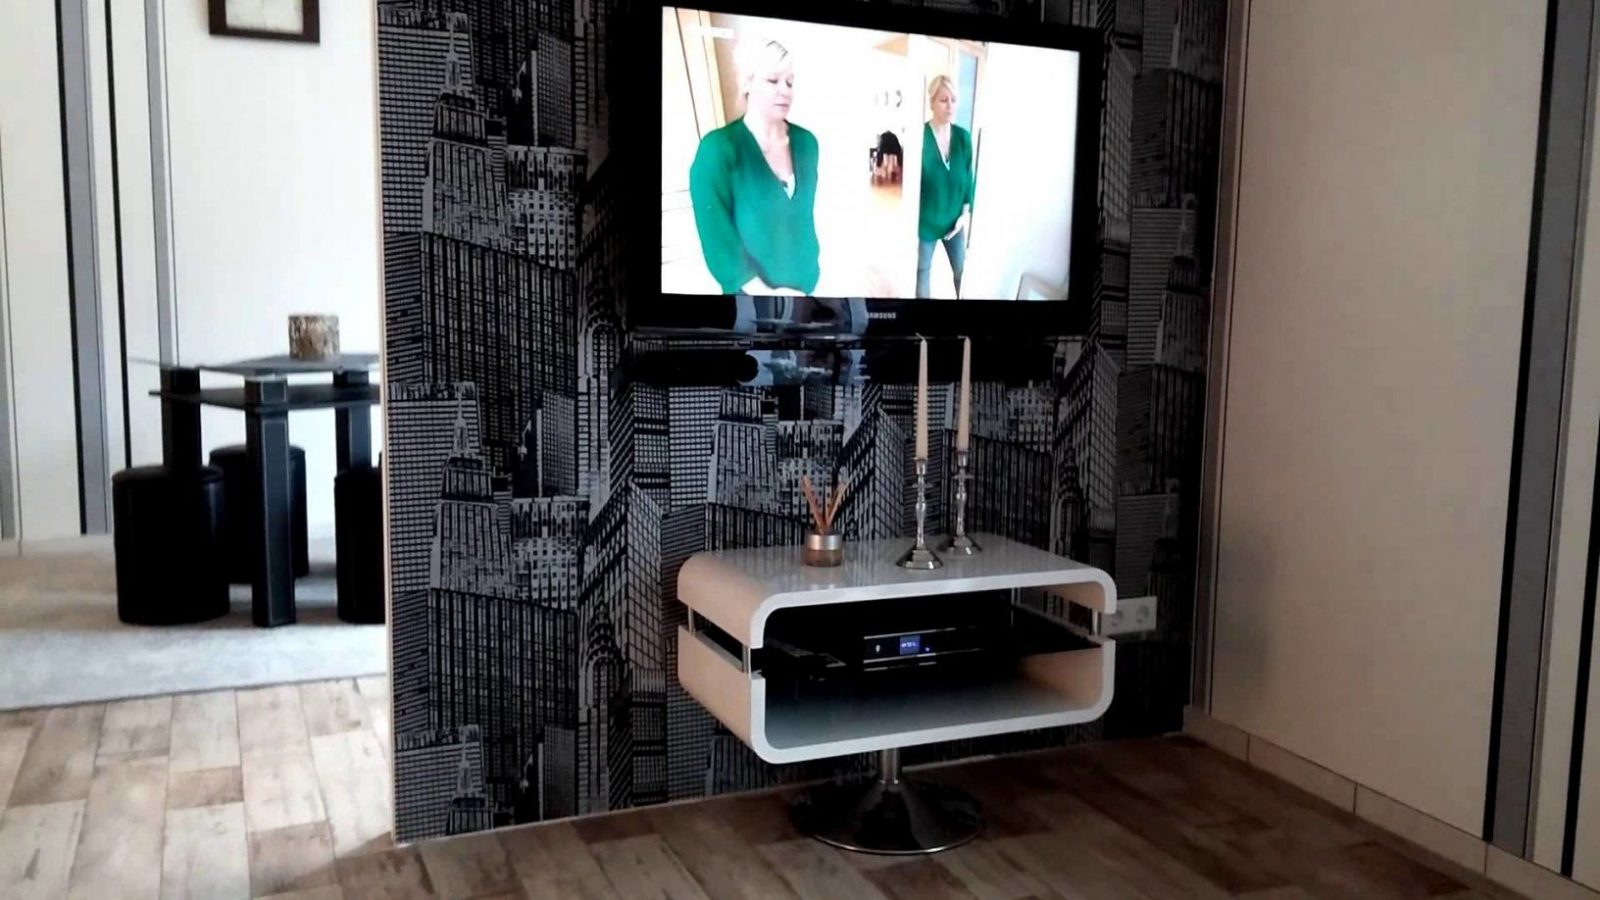 Tv Wand Raumteiler Selber Bauen von Fachwerk Raumteiler Selber Bauen Photo